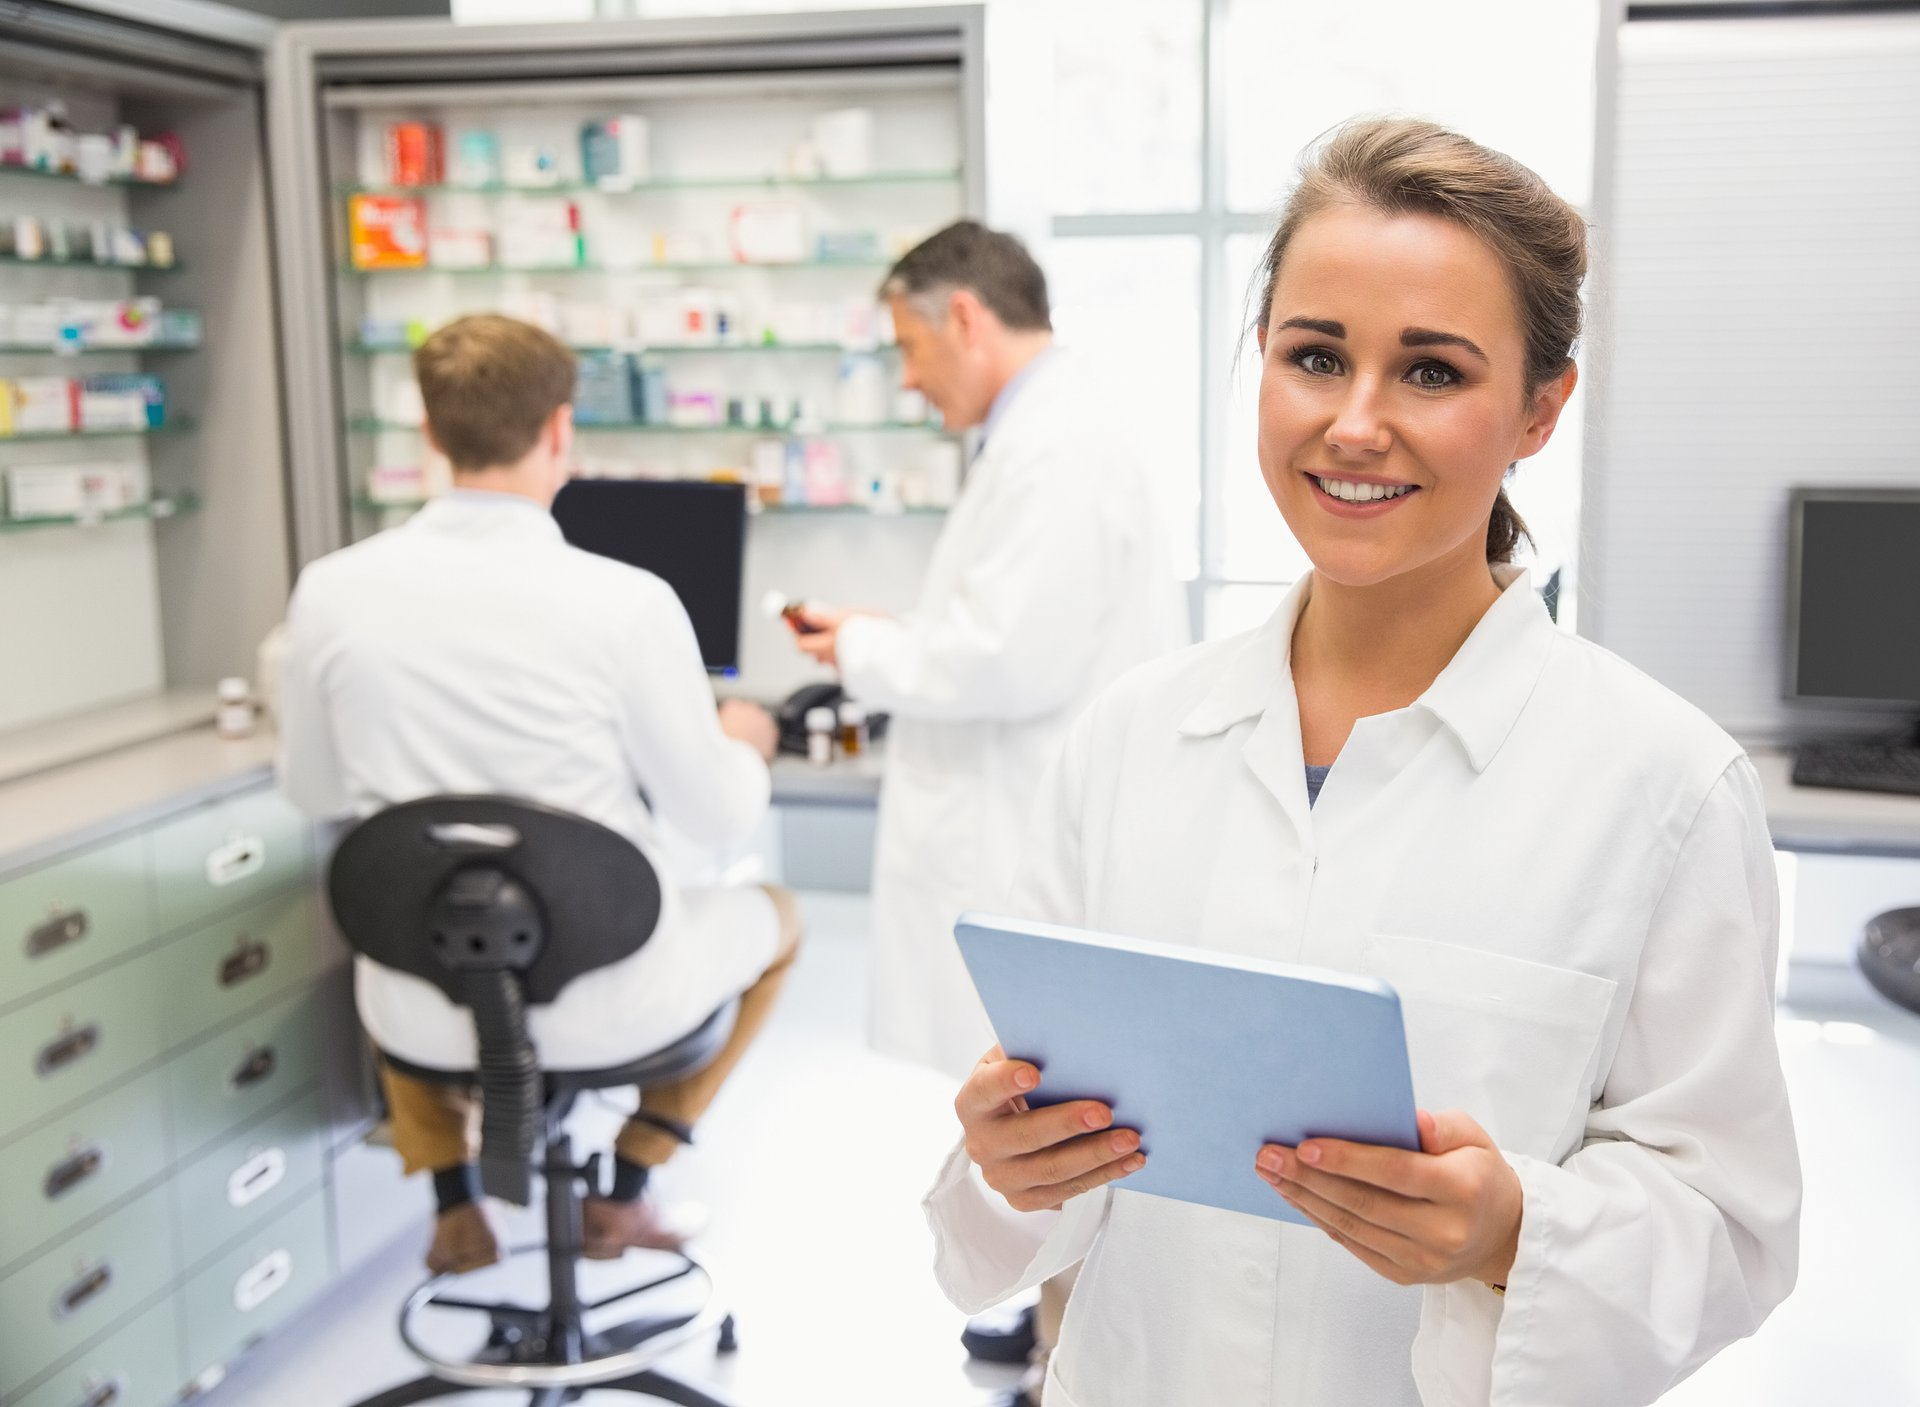 Przepisy dla farmaceutów w aptekach szpitalnych